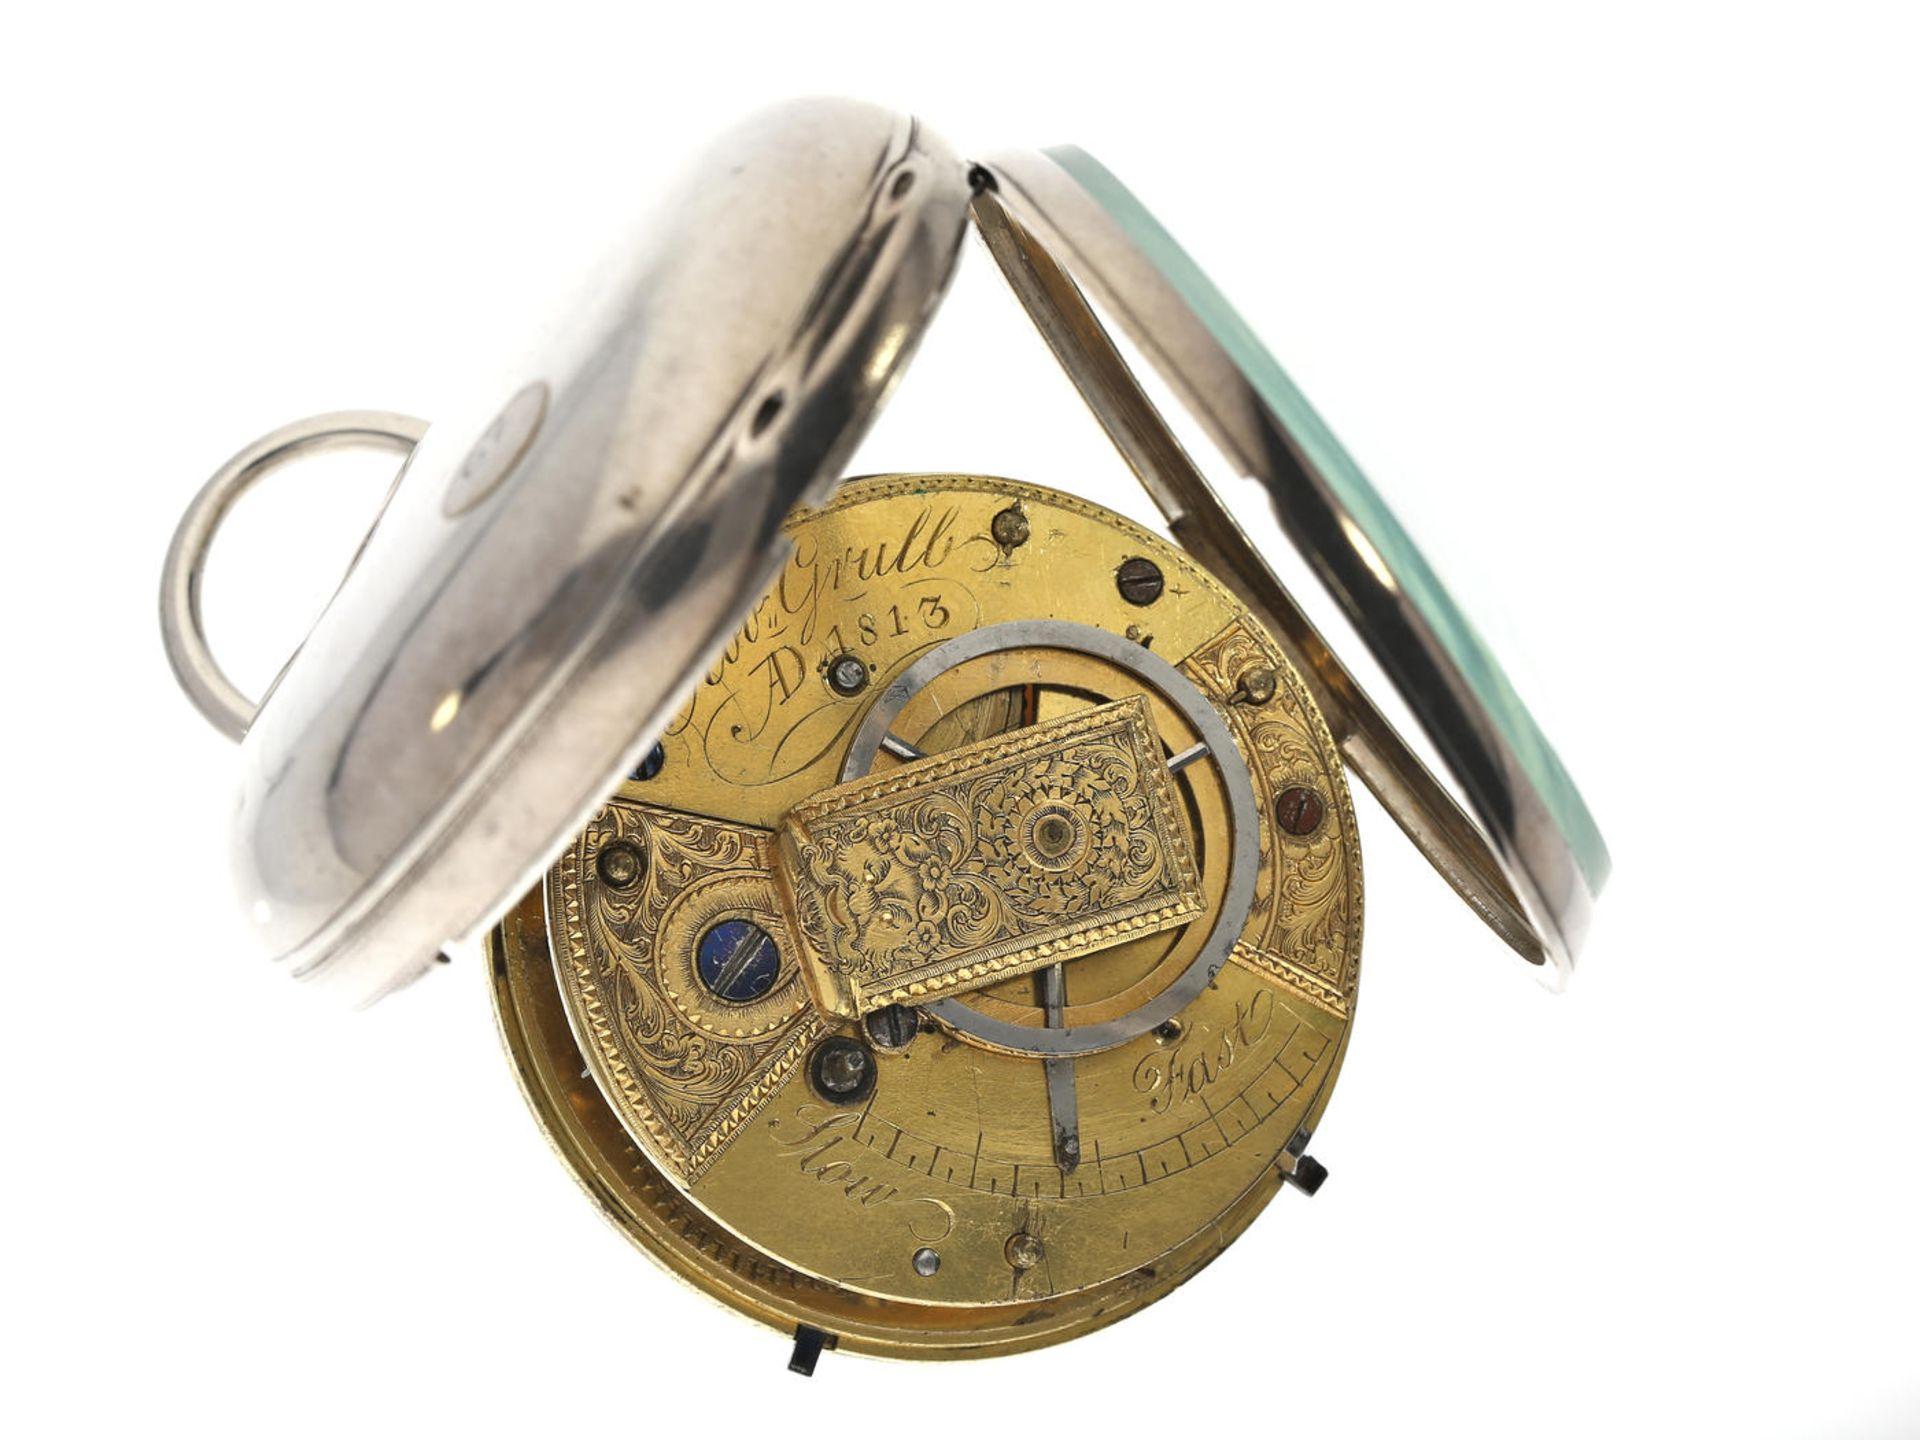 Taschenuhr: interessante Spindeluhr mit anhaltbarer Sekunde, signiert Robert Grulb AD 1813 Ca. - Bild 2 aus 3